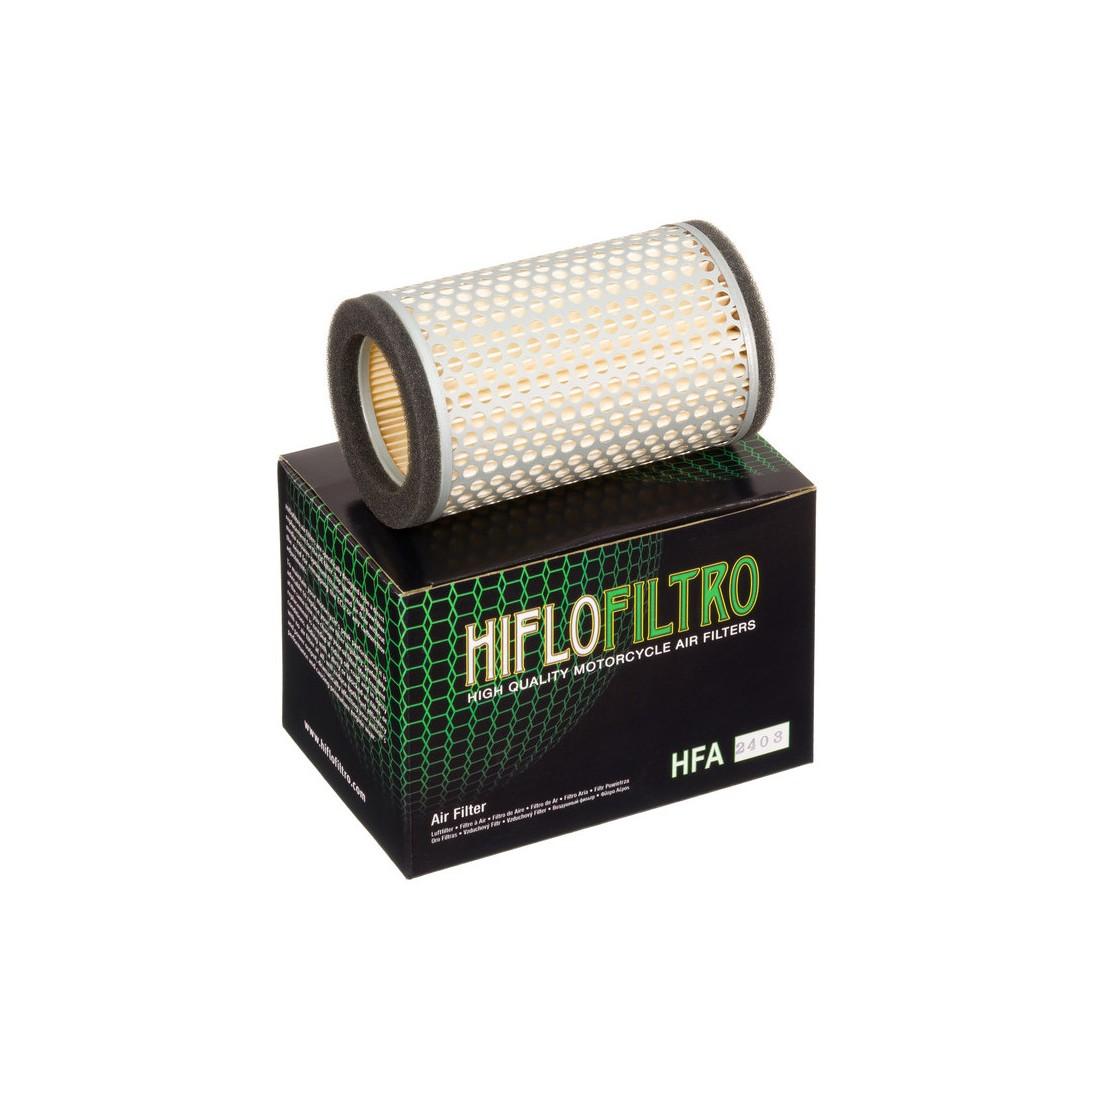 Filtro Aire Hiflofiltro HFA2403